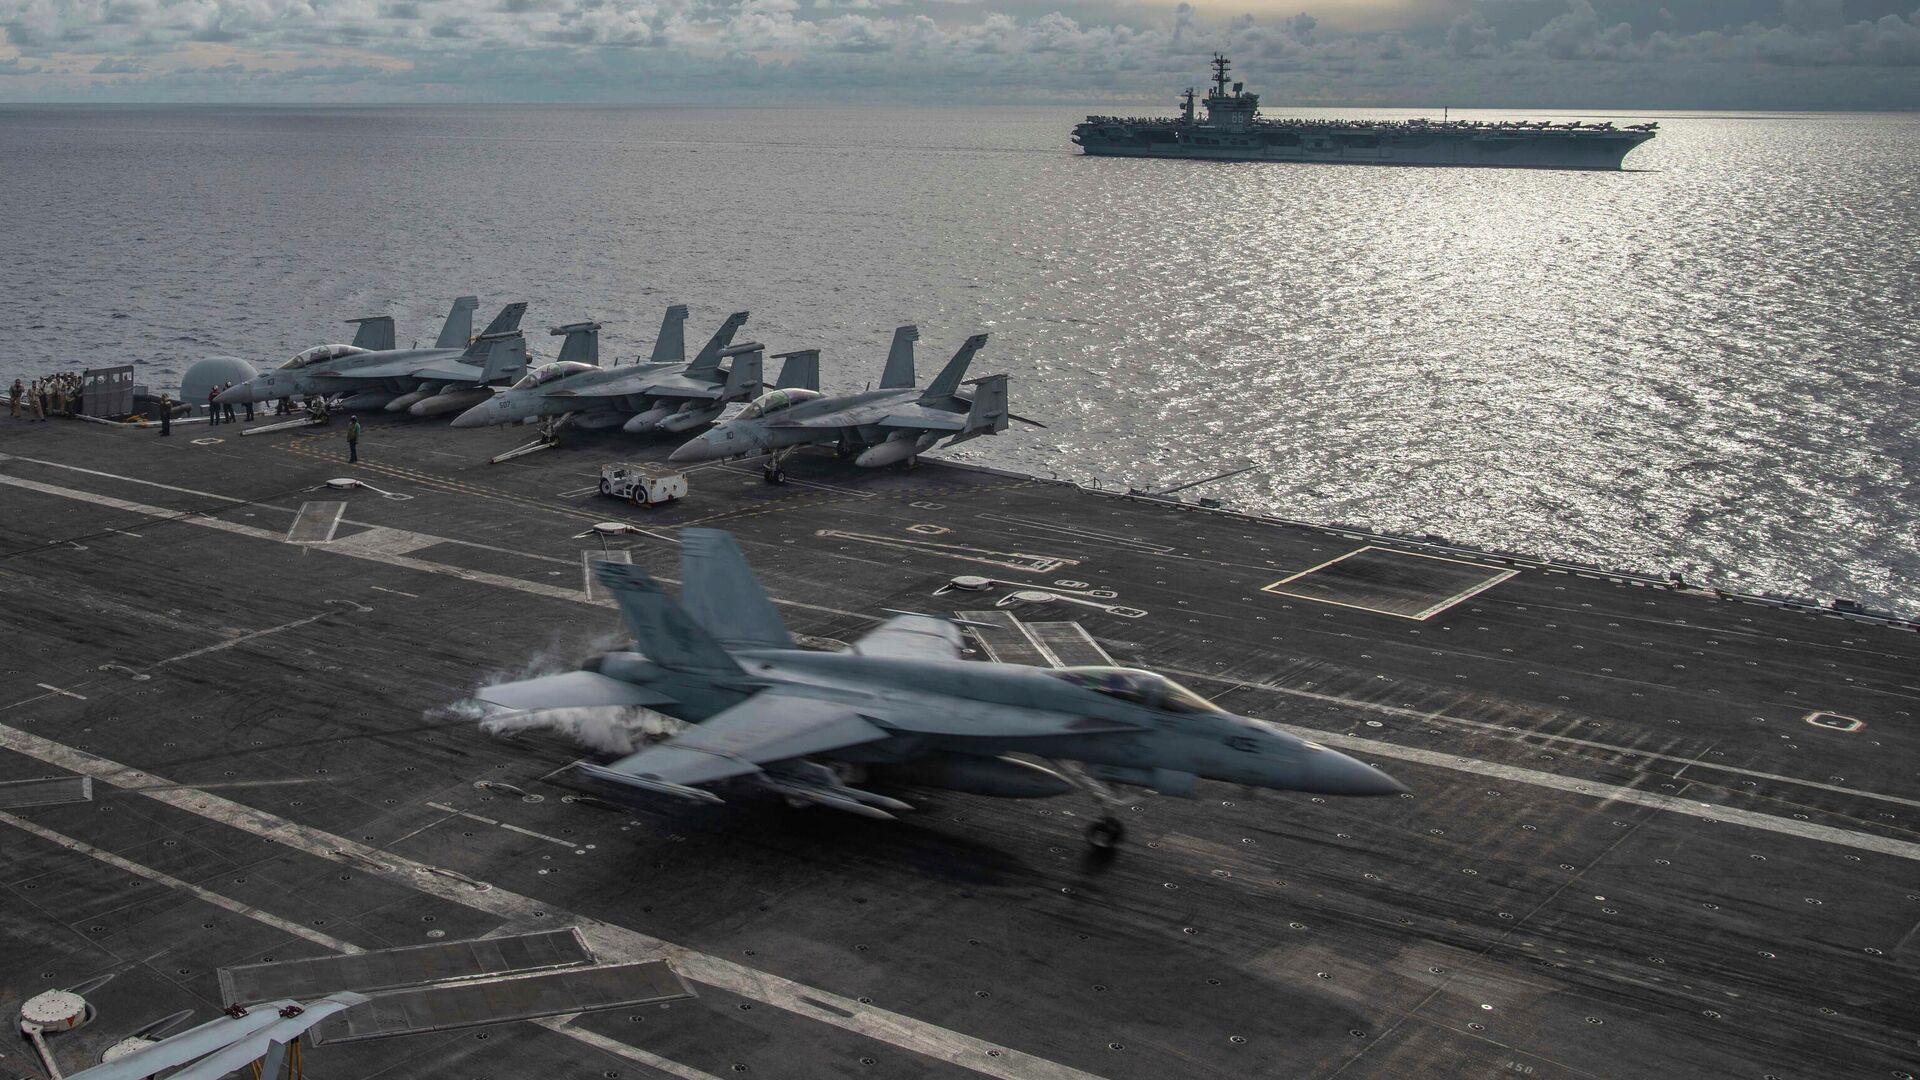 Корабли ВМС США USS Ronald Reagan (CVN 76) и USS Nimitz (CVN 68) в Южно-Китайском море. 6 июля 2020 года - РИА Новости, 1920, 19.10.2020